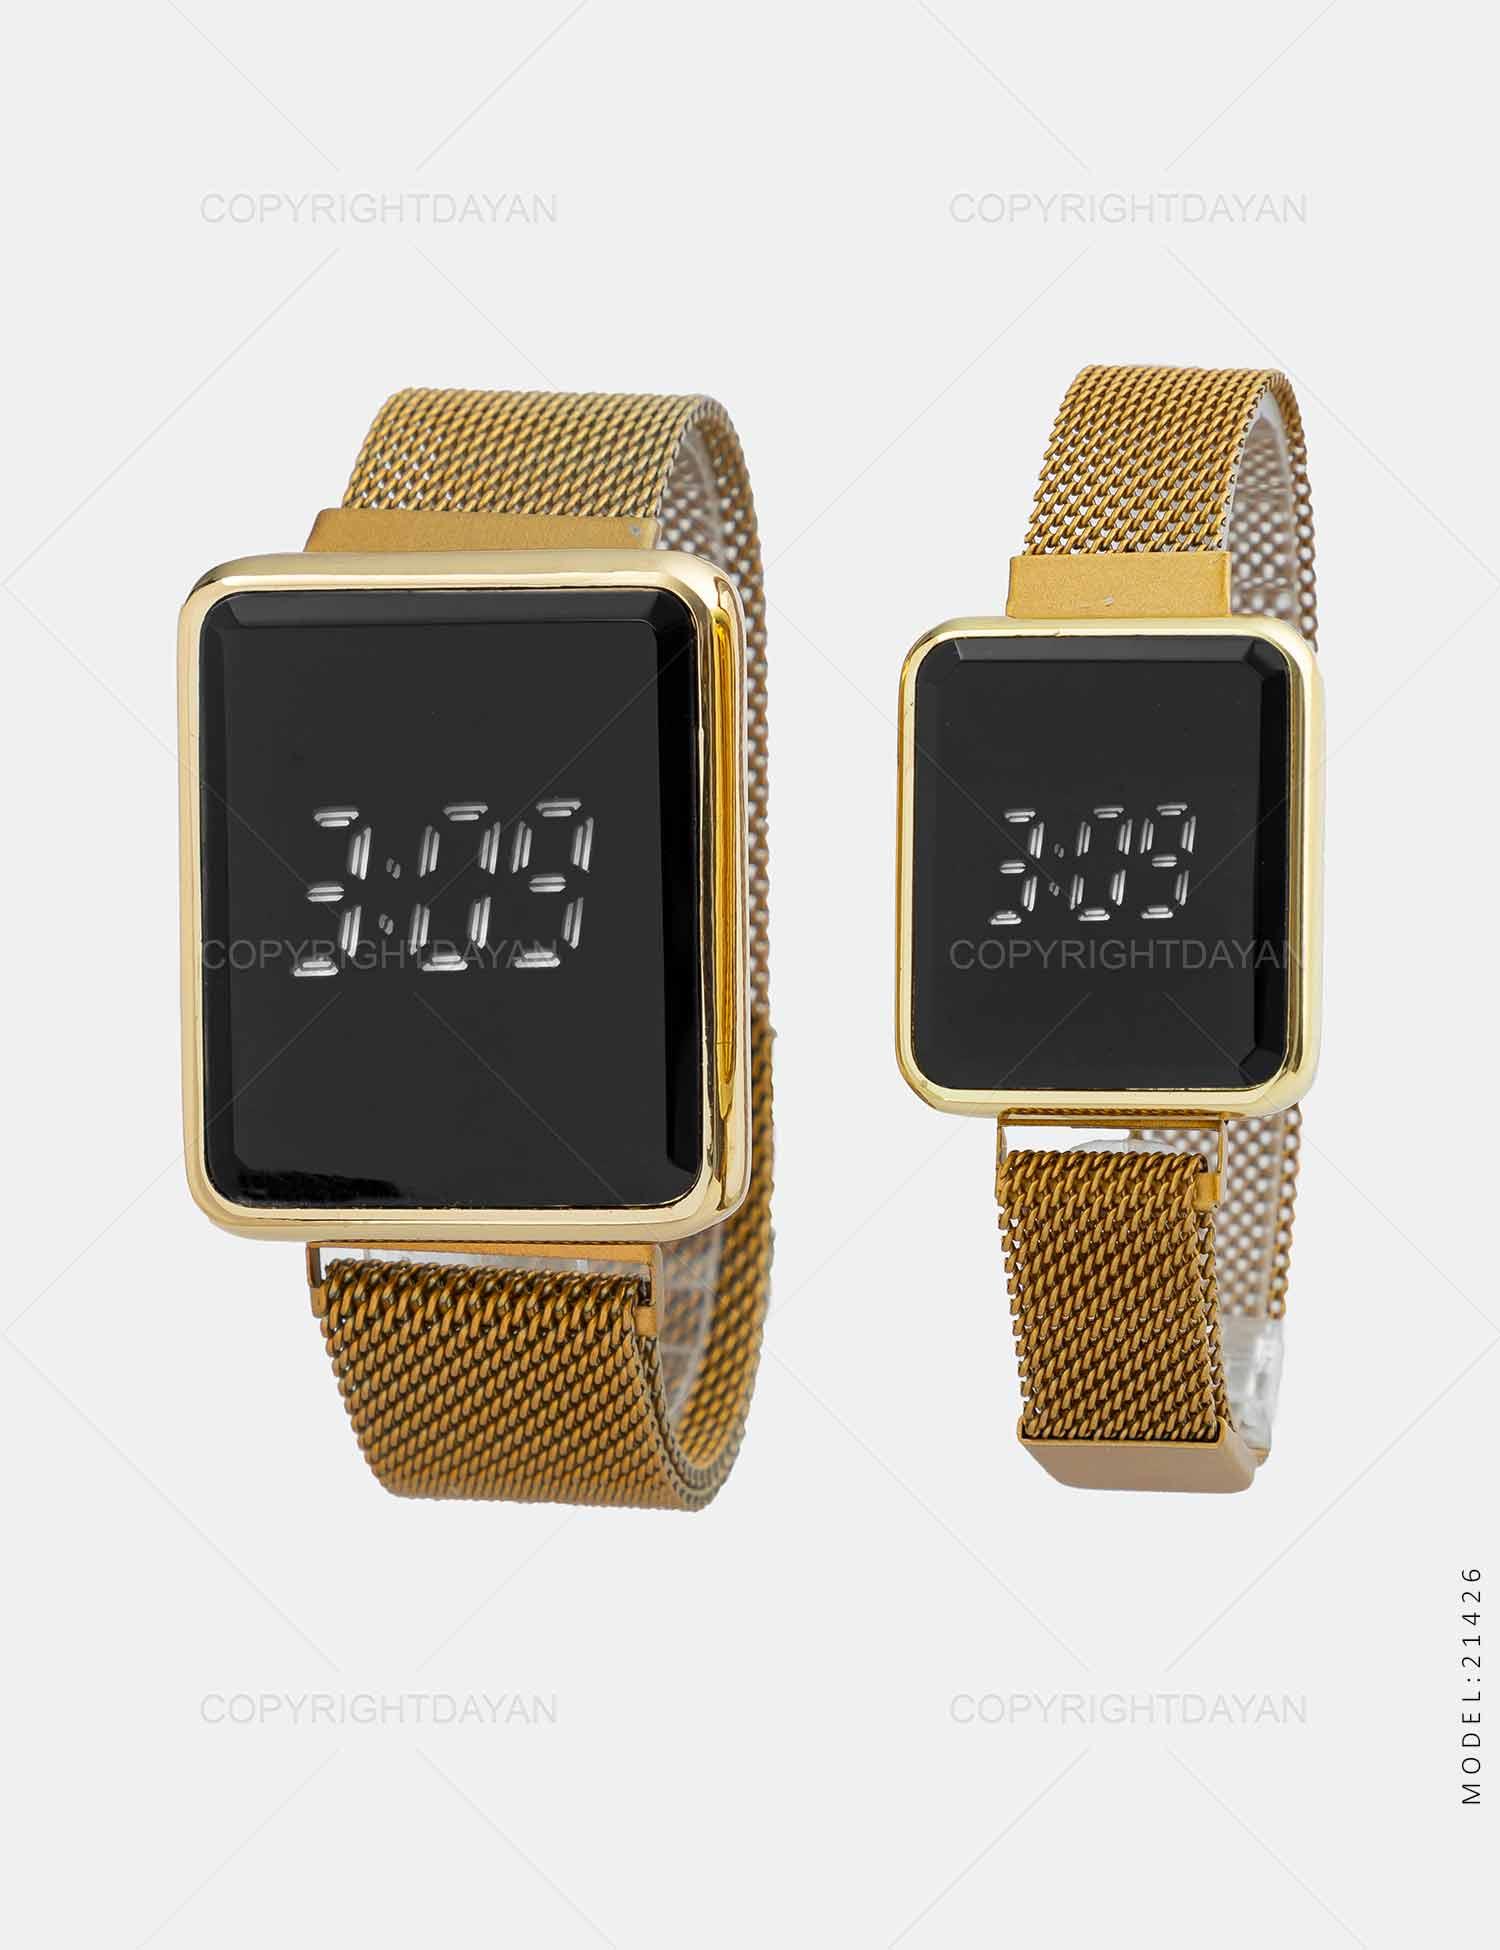 ست ساعت مچی Smart مدل 21426 ست ساعت مچی Smart مدل 21426 189,000 تومان تومان